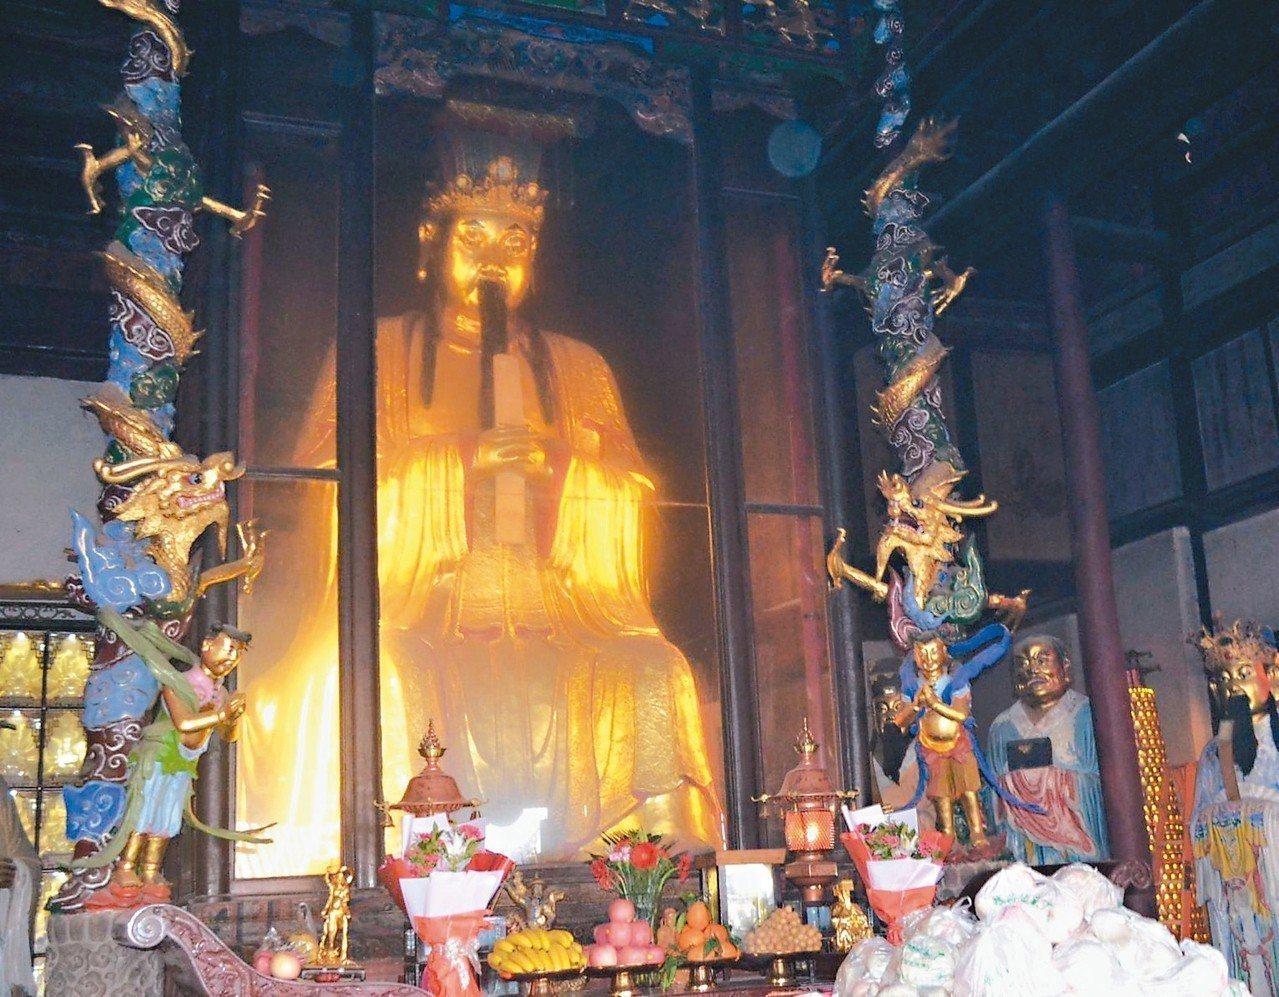 七曲山大廟珍藏明代鐵鑄、高4點7米的文昌帝君像。 記者鄧智元/攝影